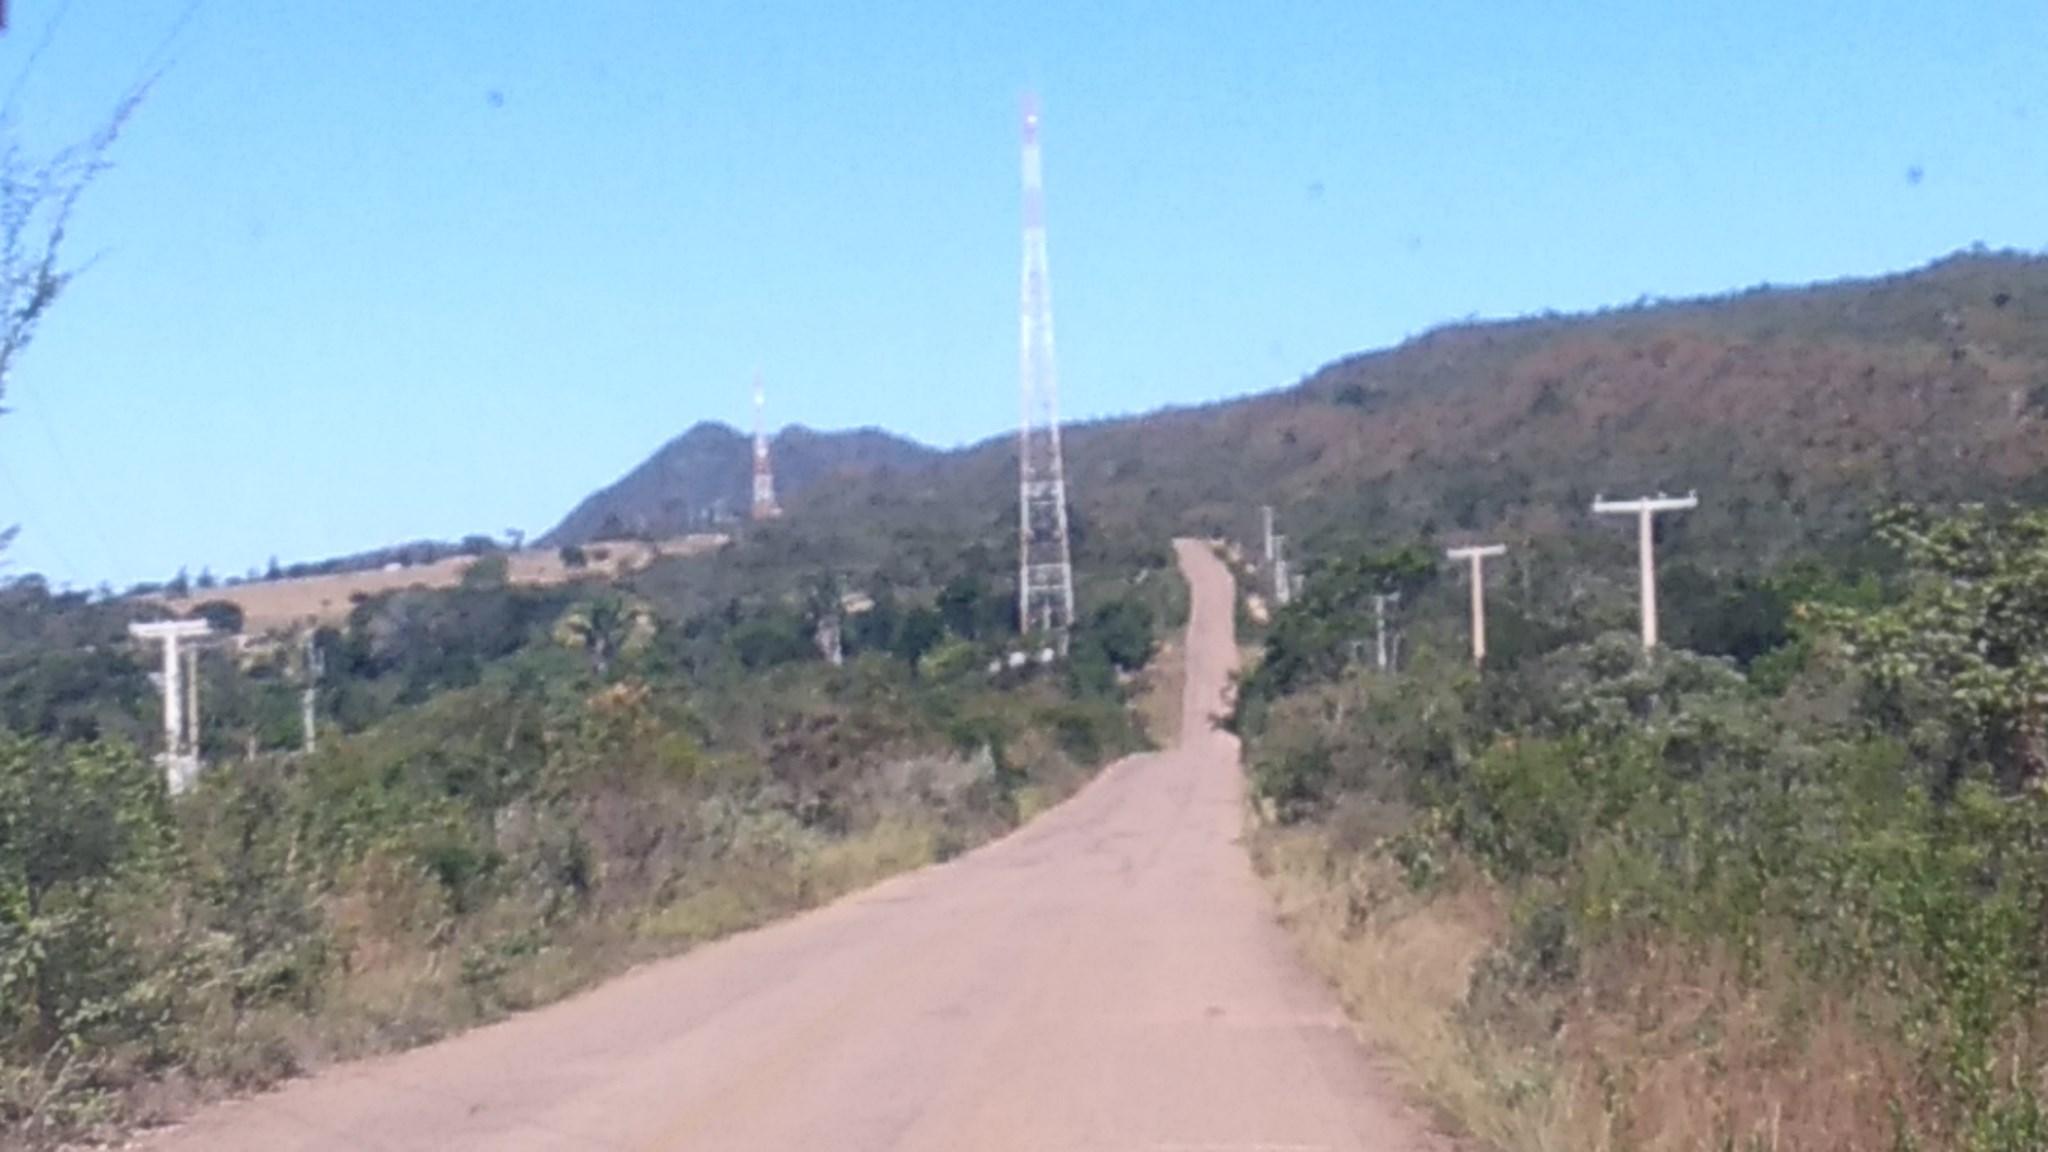 Fotos-uit-de-regio-van-Ibitiara-en-Seabra-aan-de-grote-BR-242-98